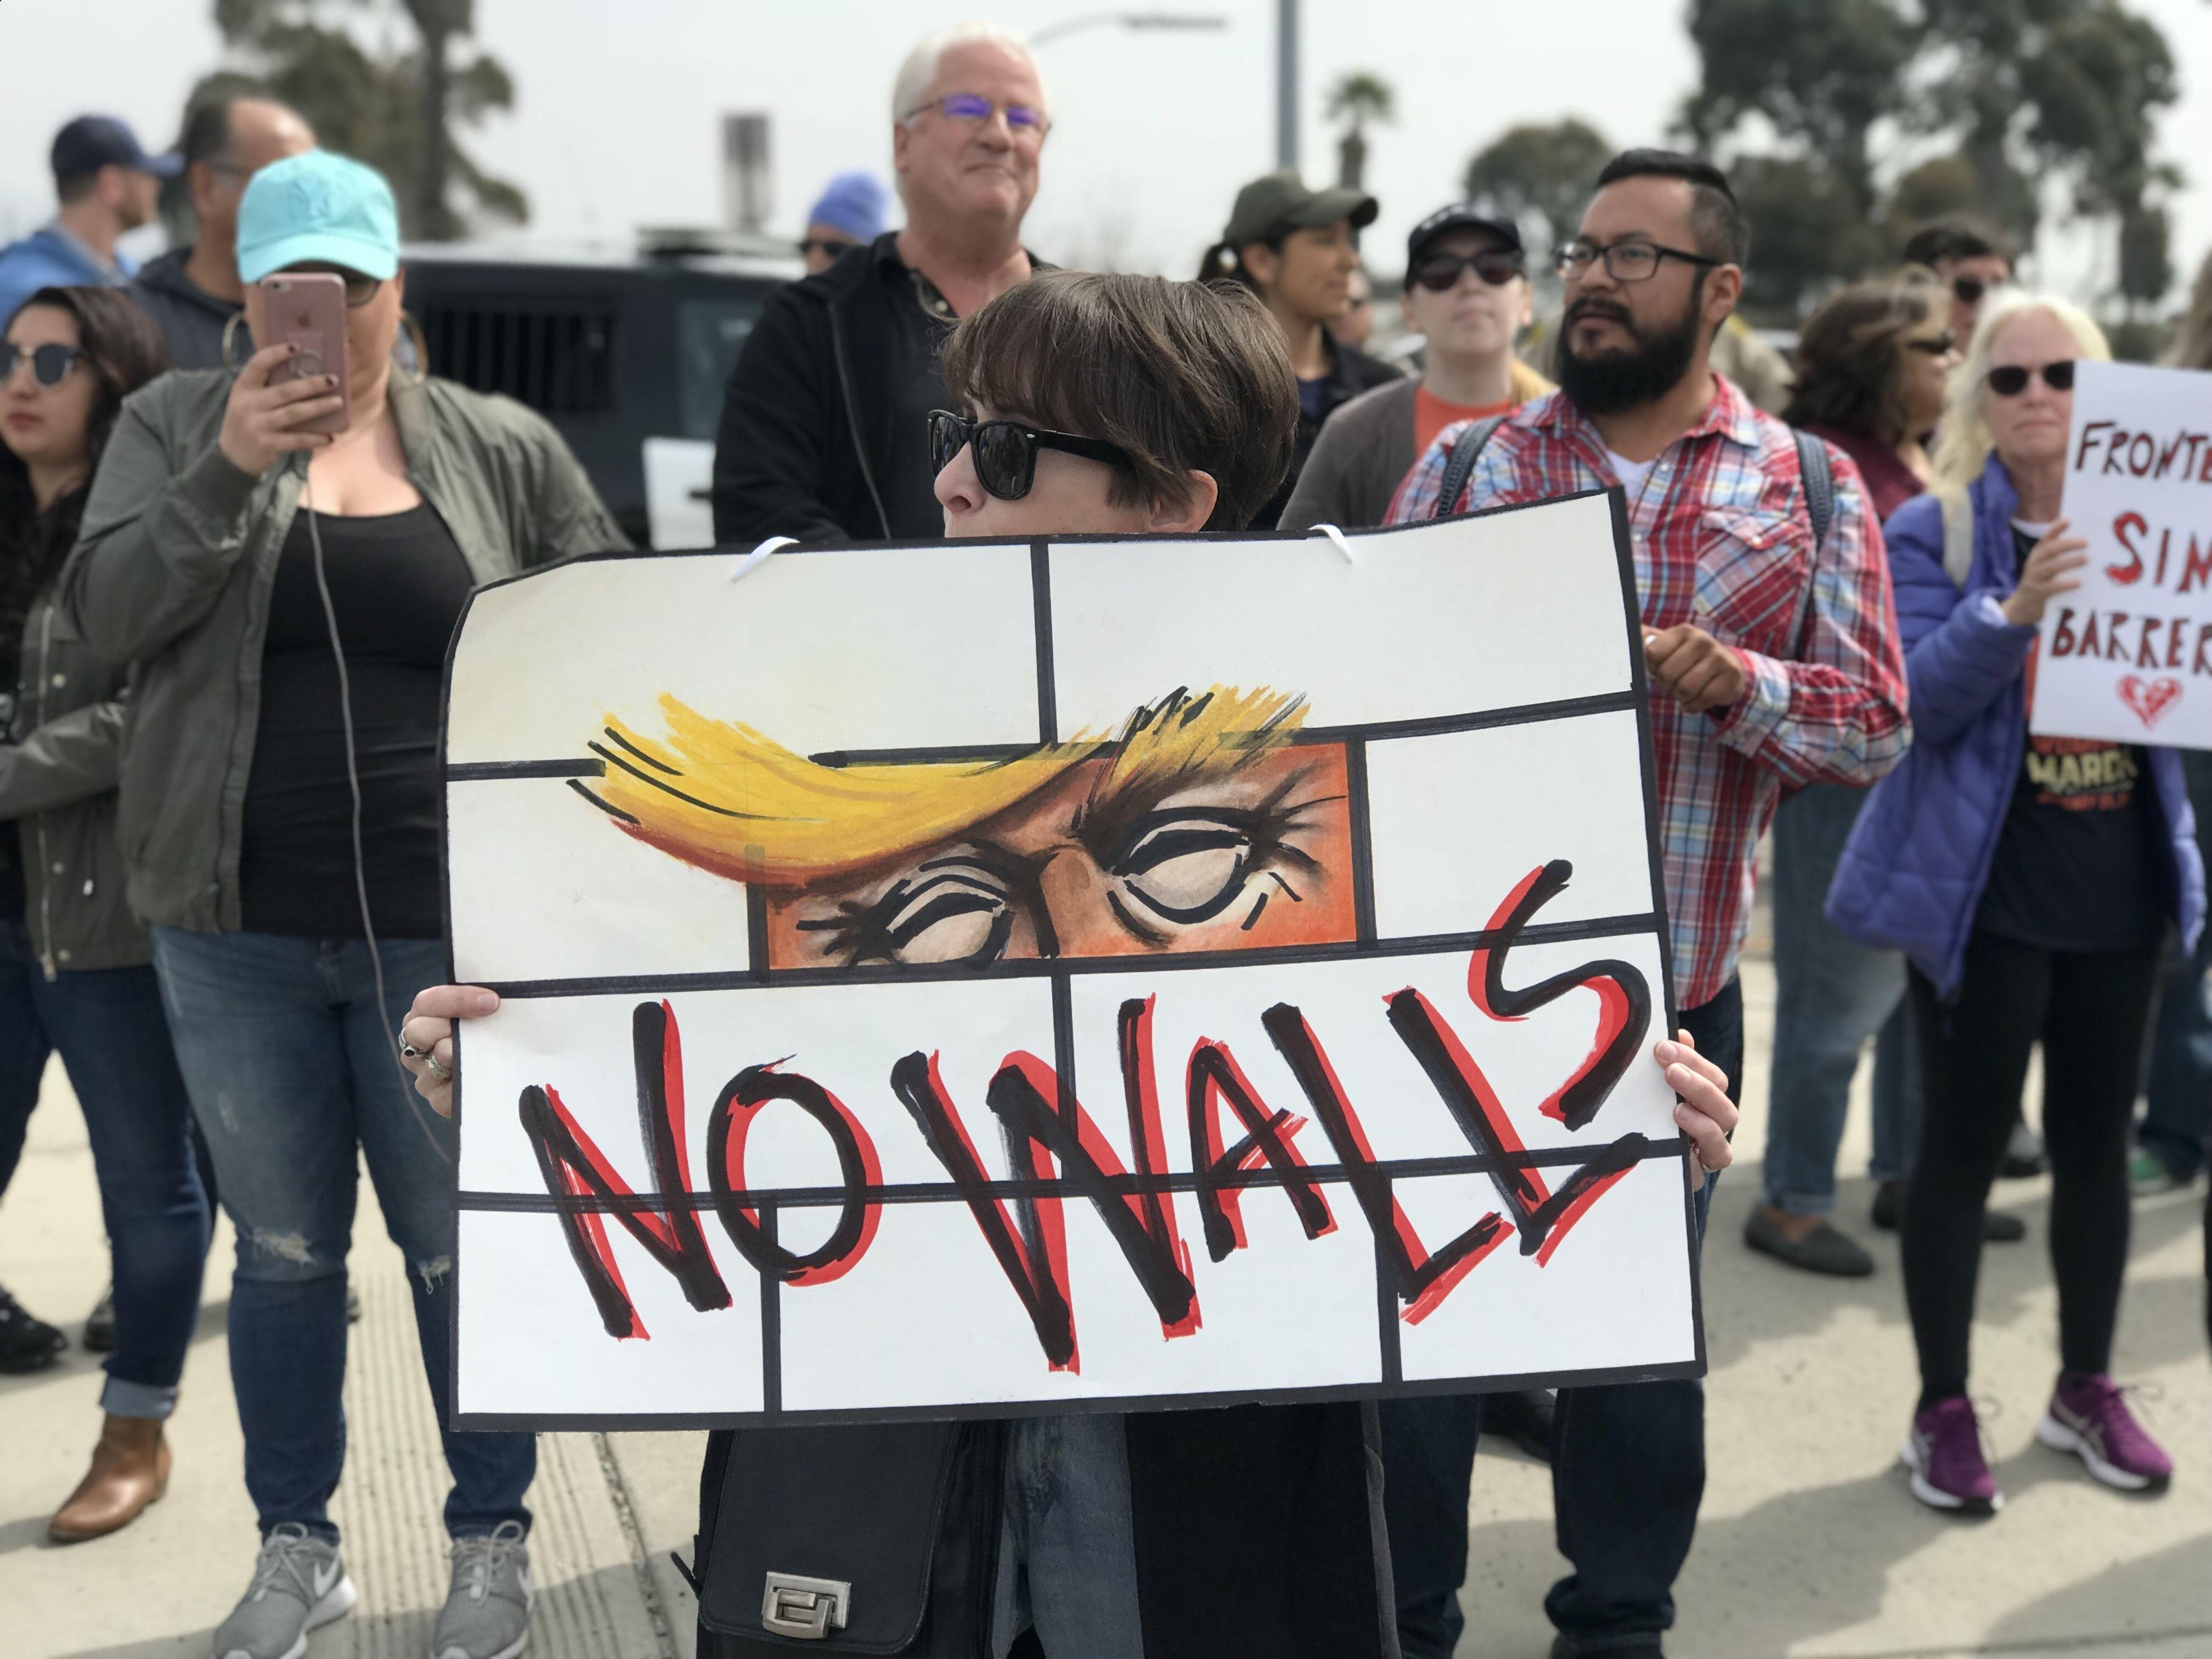 Un grupo de manifestantes protesta contra la construcción del muro fronterizo, uno de los pilares de la política antiinmigrante del presidente Donald Trump, en imagen de 2018. Foto: Tomada de internet.